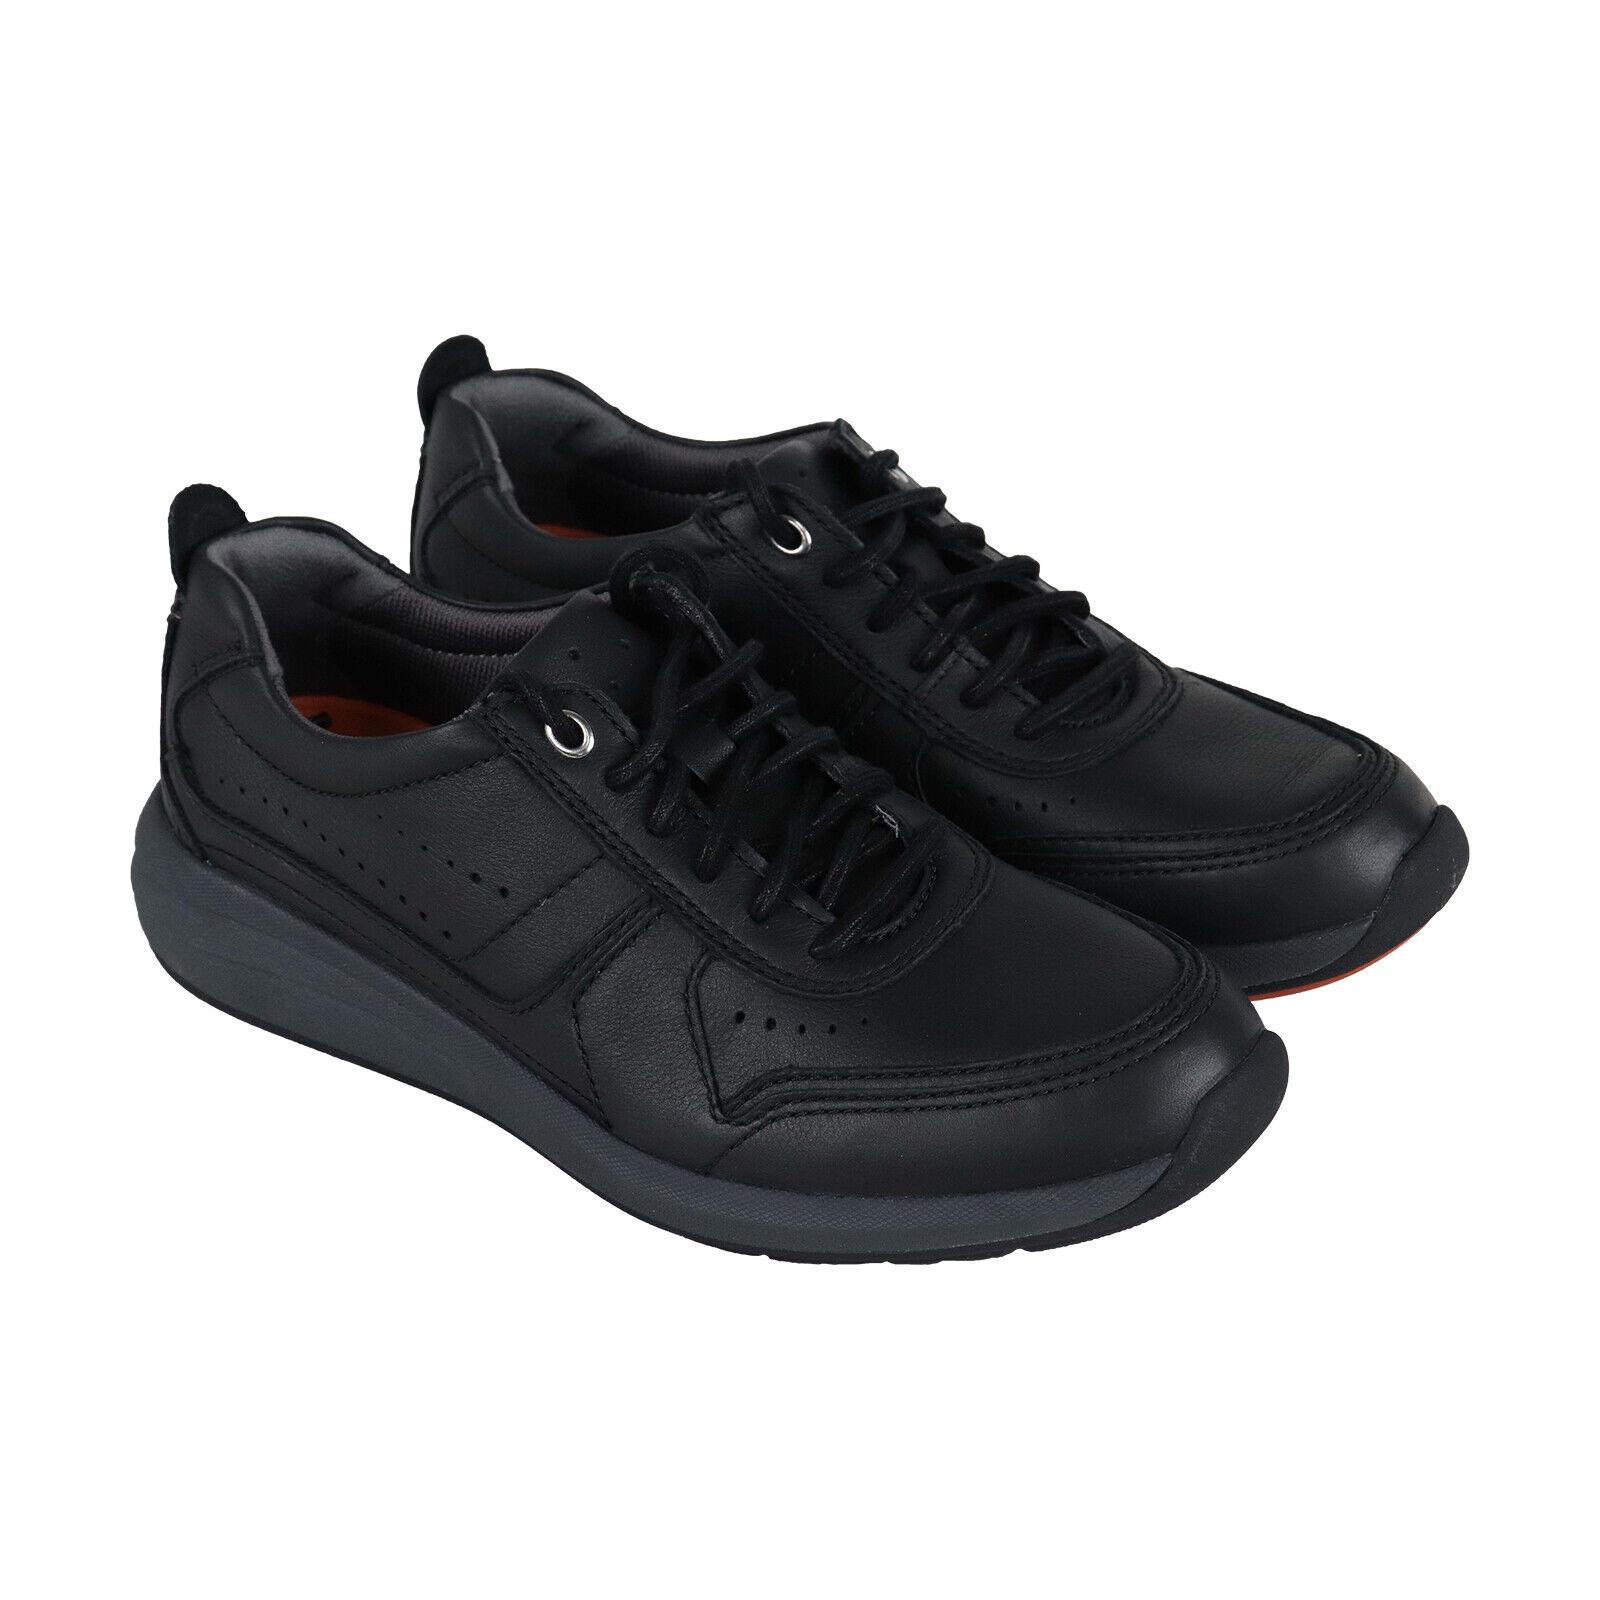 Clarks Un Coast Form homme en cuir noir Faible Top Lace Up paniers chaussures